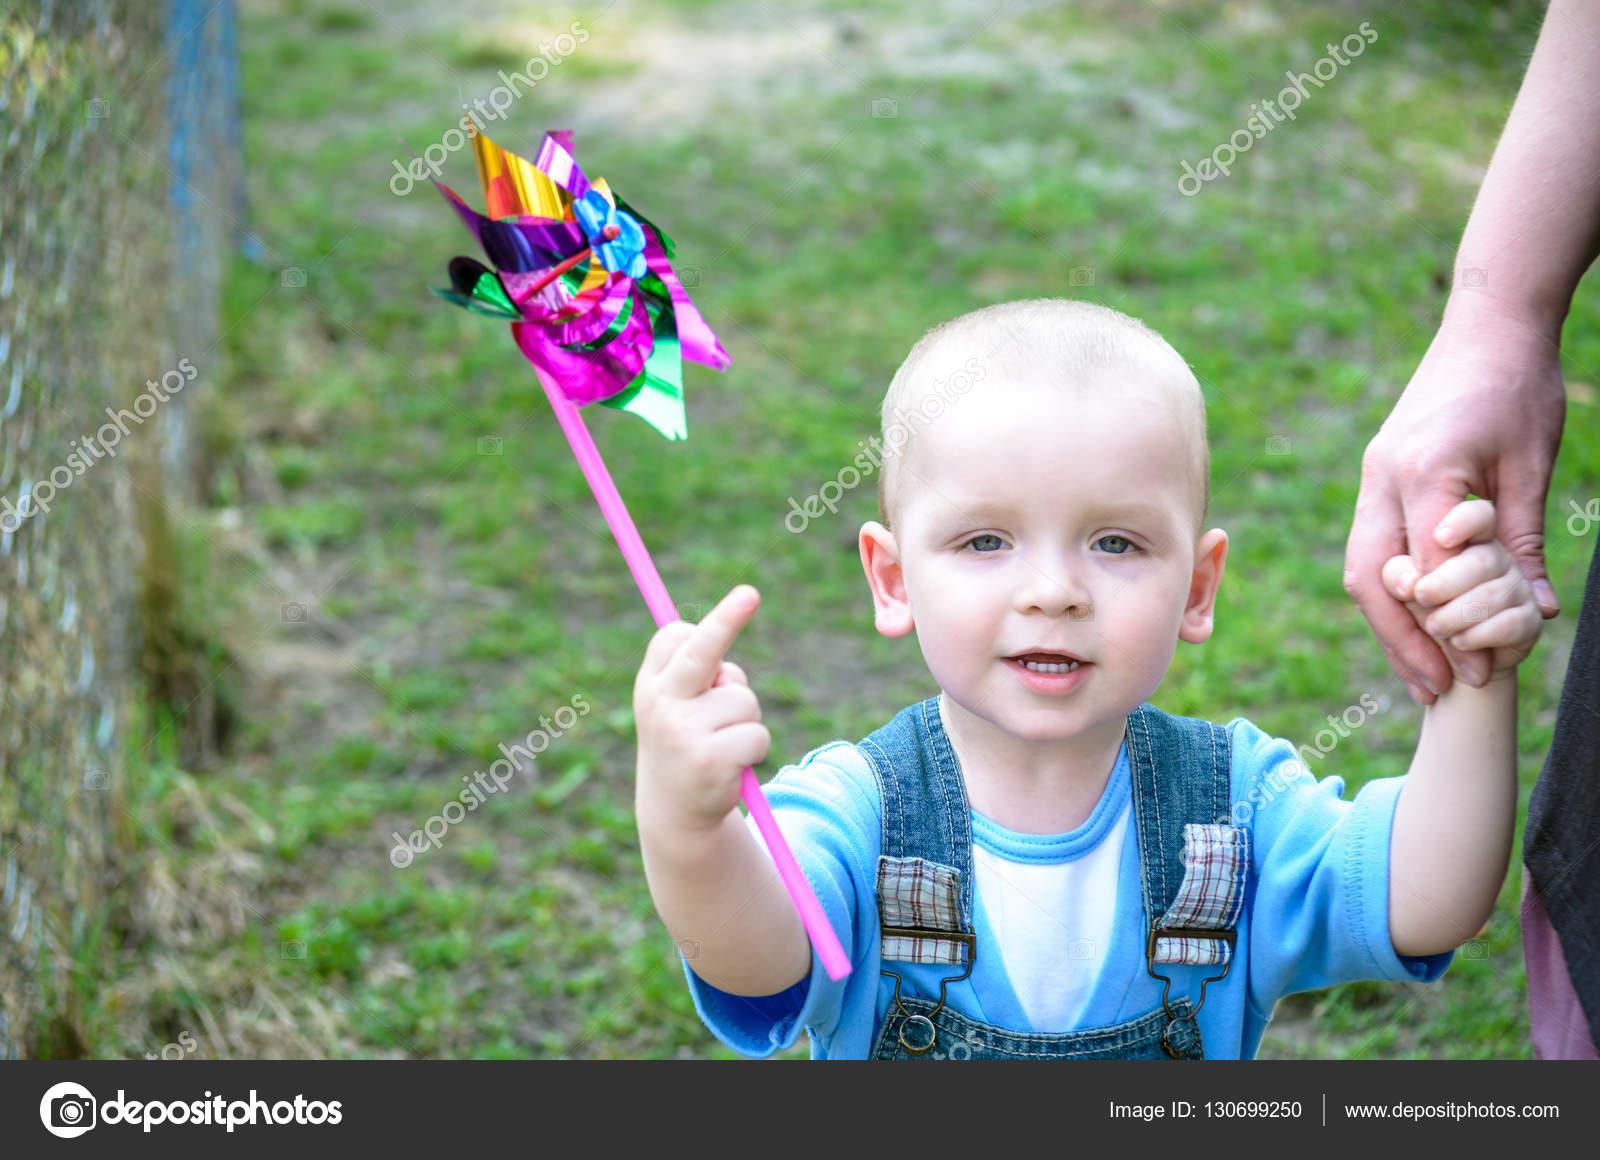 Старуха ебет мальчика фото 680-442